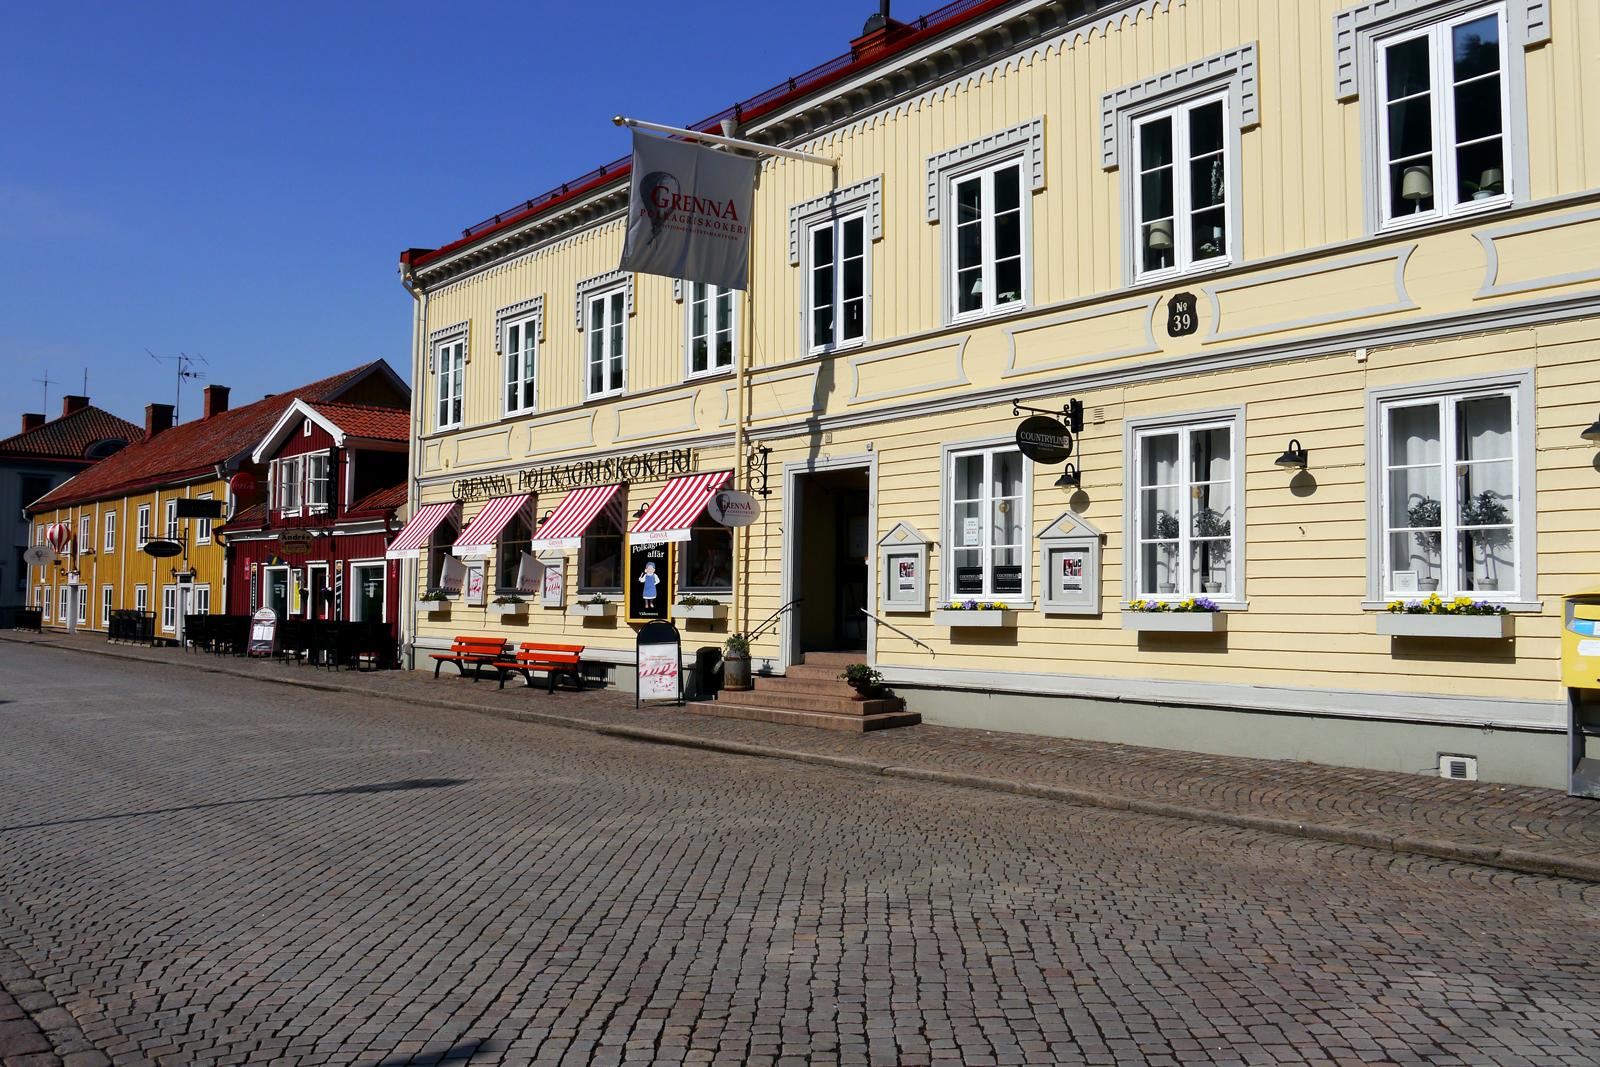 Gränna-Polkagrisar-Smaland-Schweden